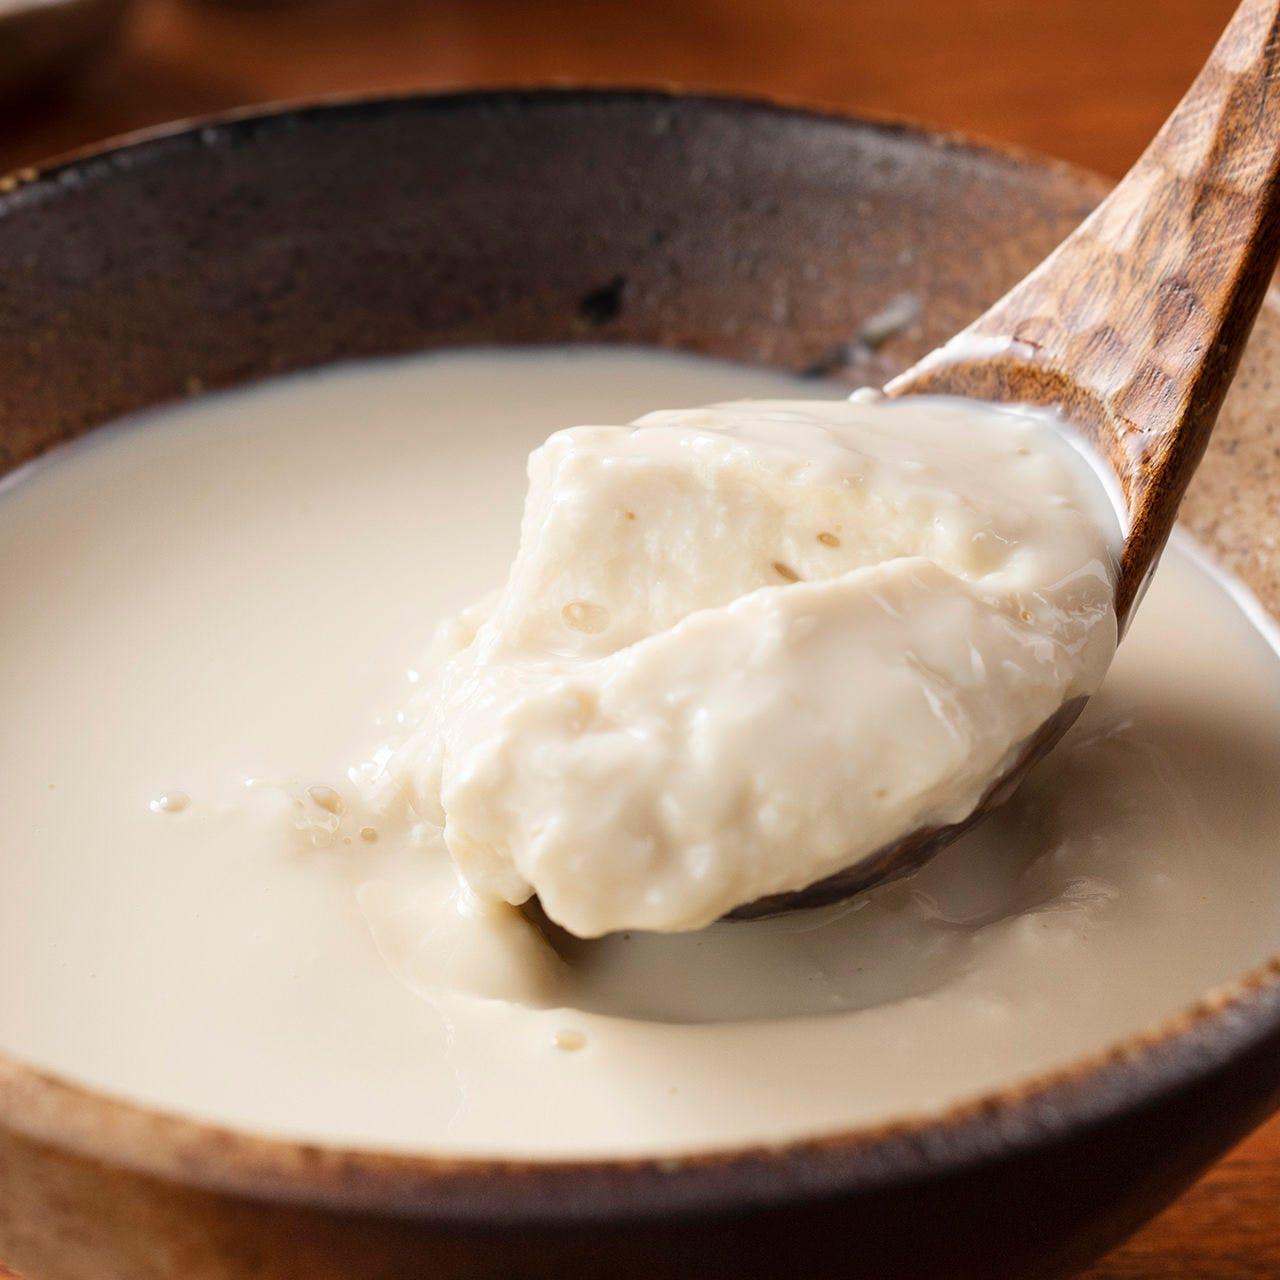 濃い豆乳をその場で寄せる手作り豆腐